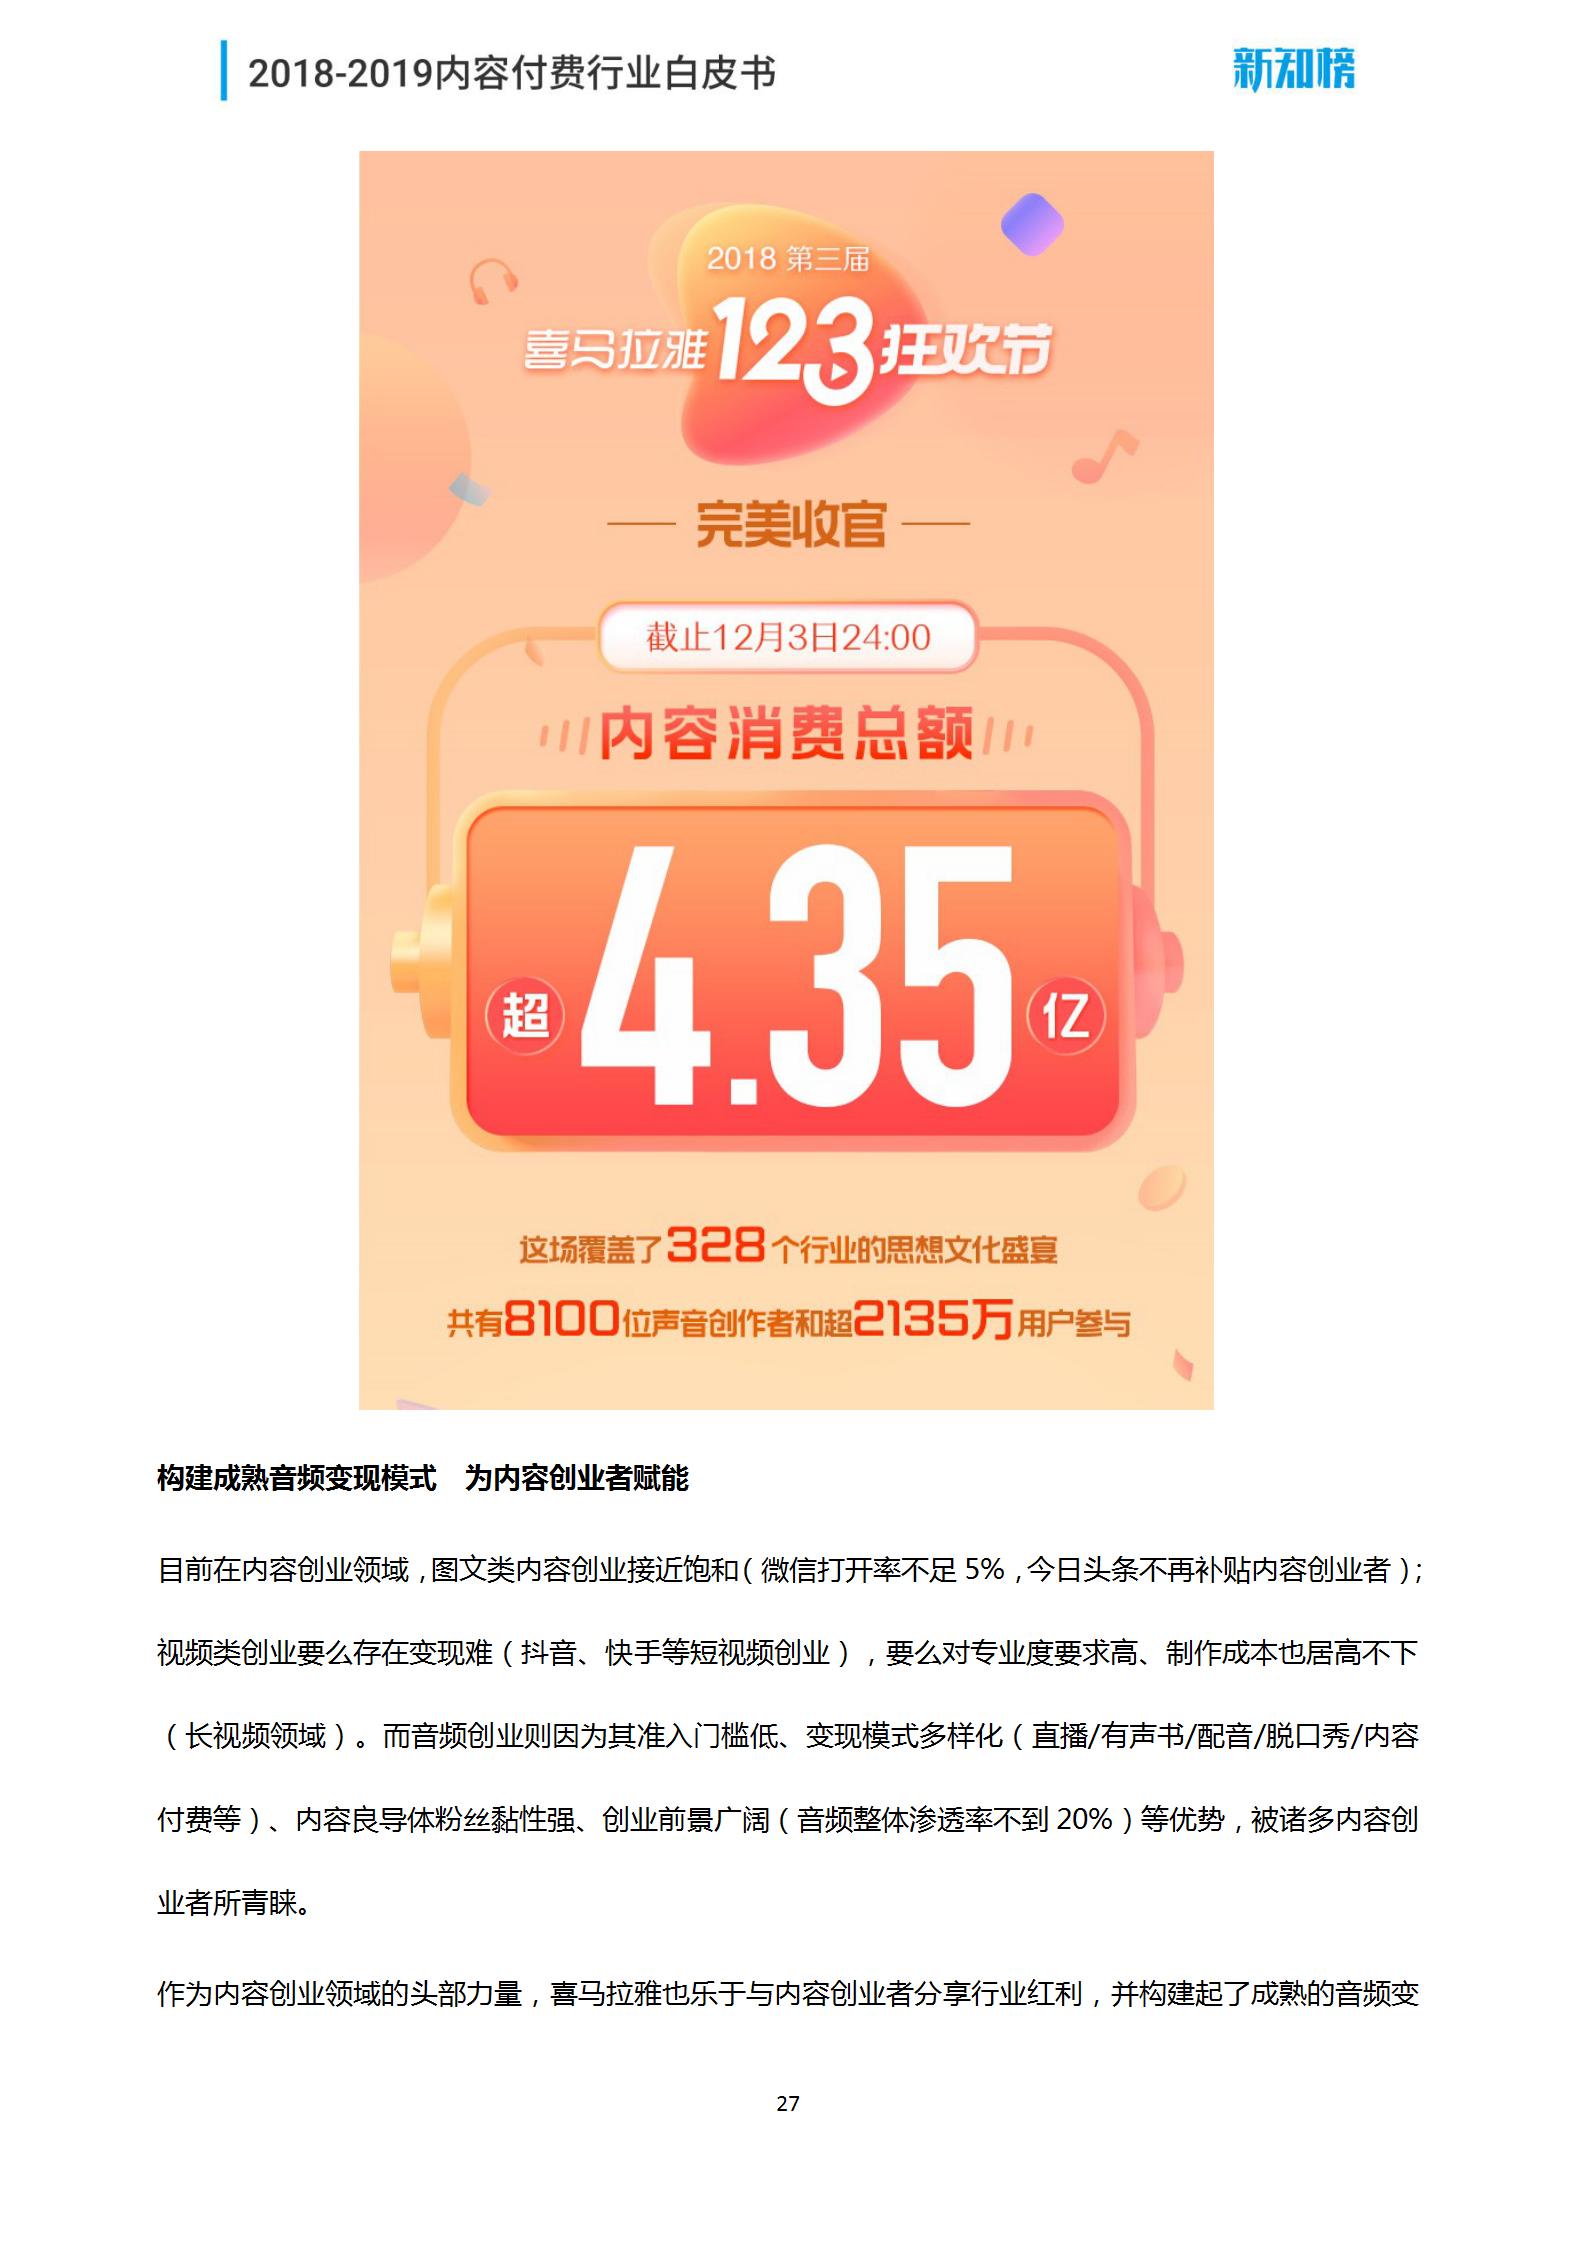 新知榜2018-2019内容付费行业白皮书_27.png